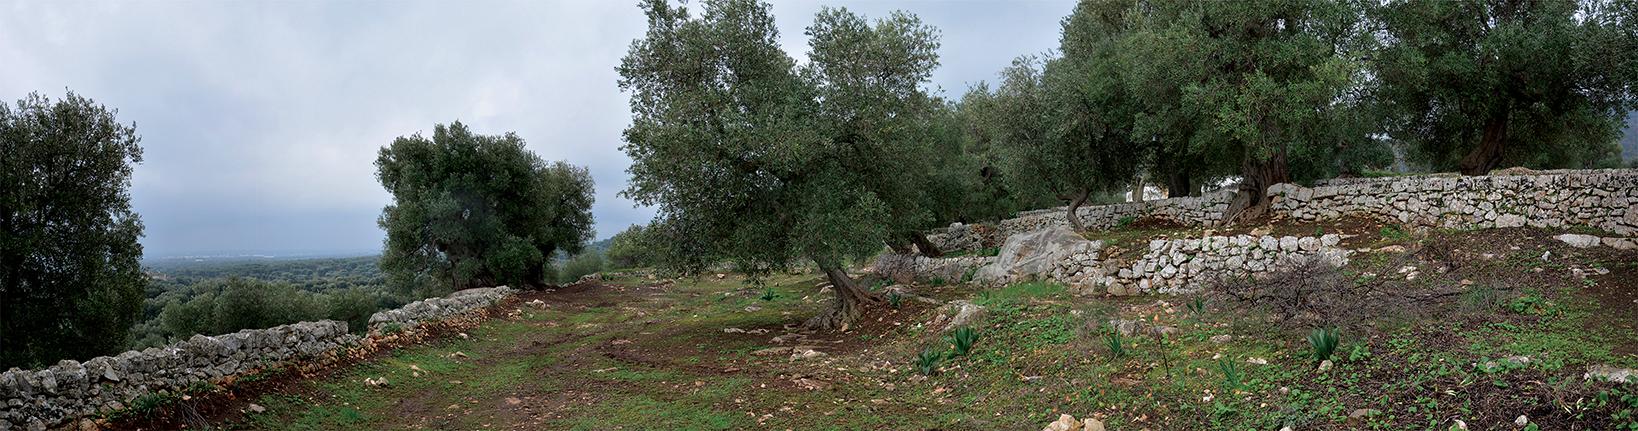 Il paesaggio archeologico tutelato_Monte Gianecchia-Cisternino (BR)